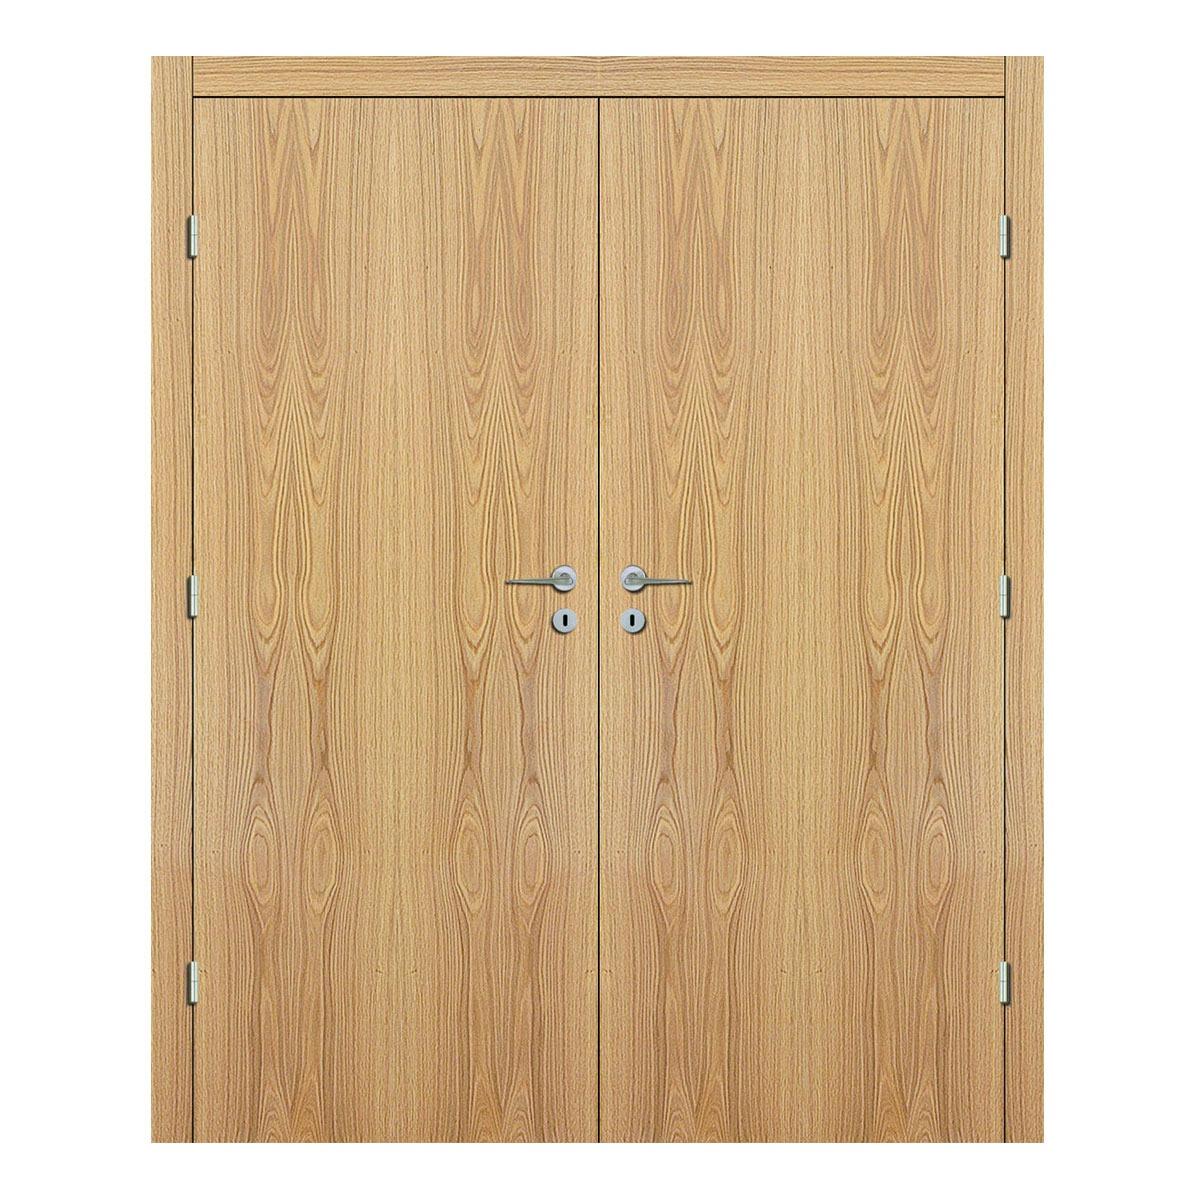 American White Oak Double Door